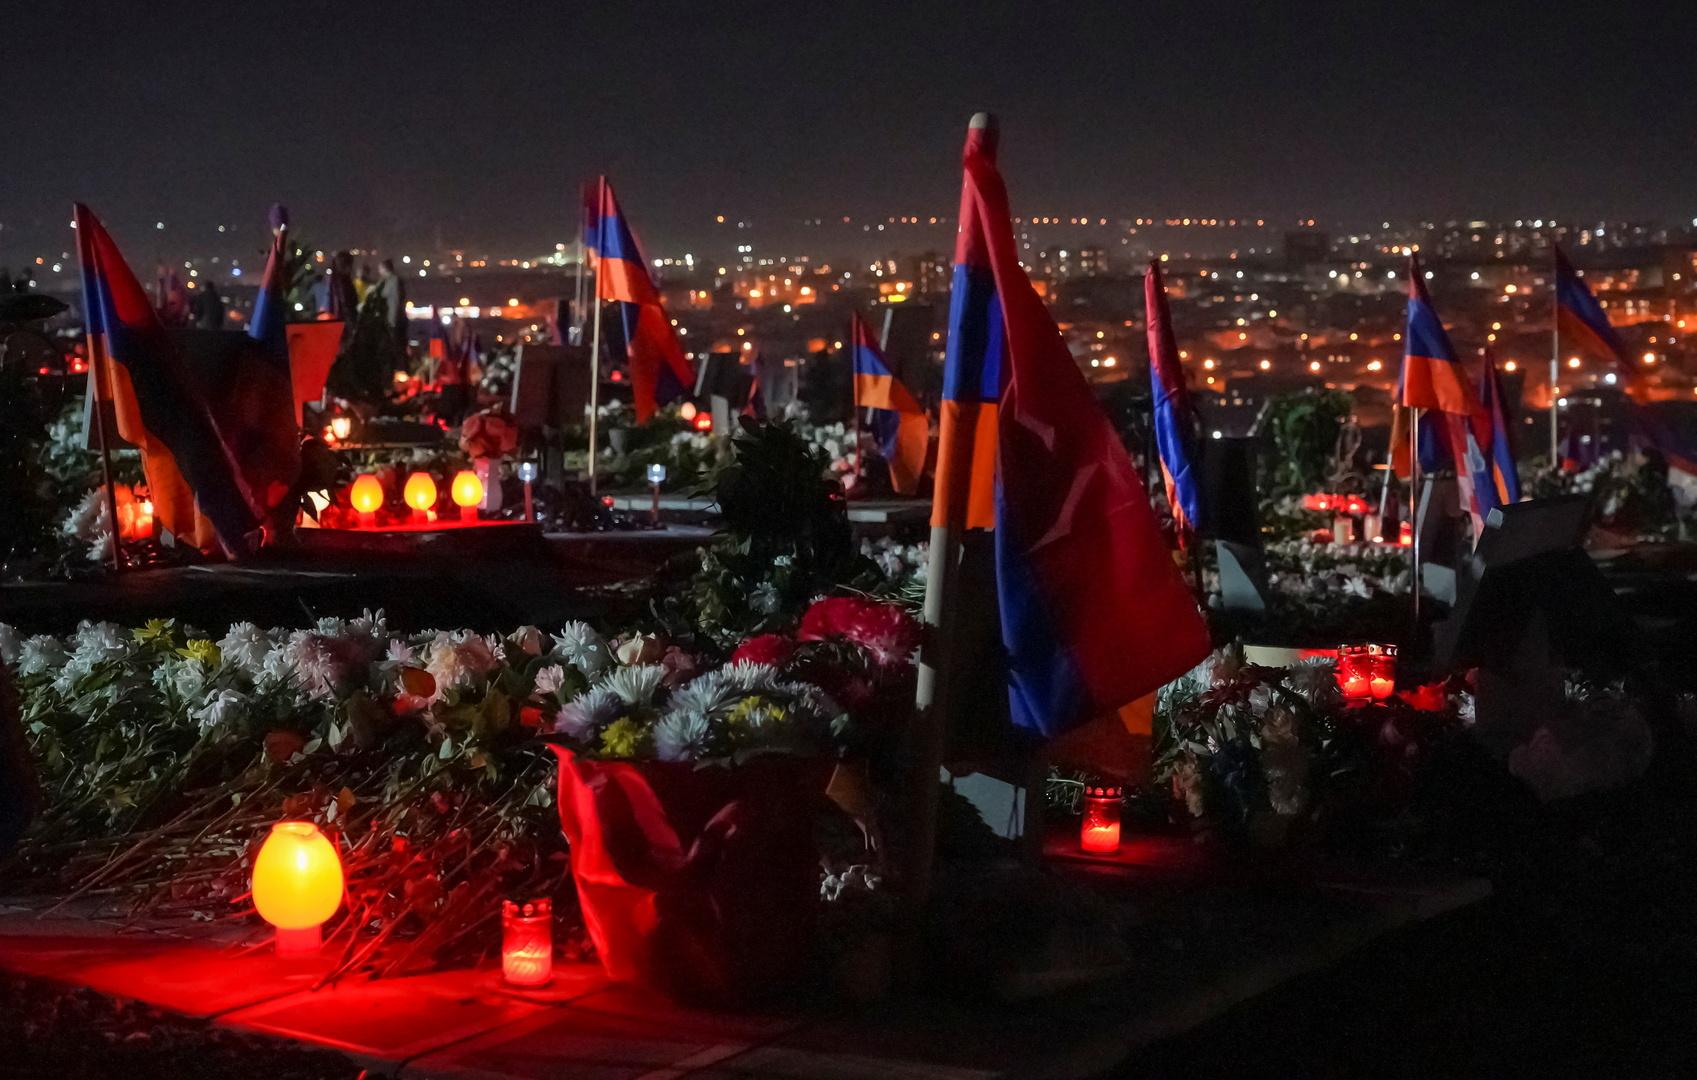 أرمينيا تعلن مقتل أكثر من 3700 من عسكرييها في قره باغ العام الماضي